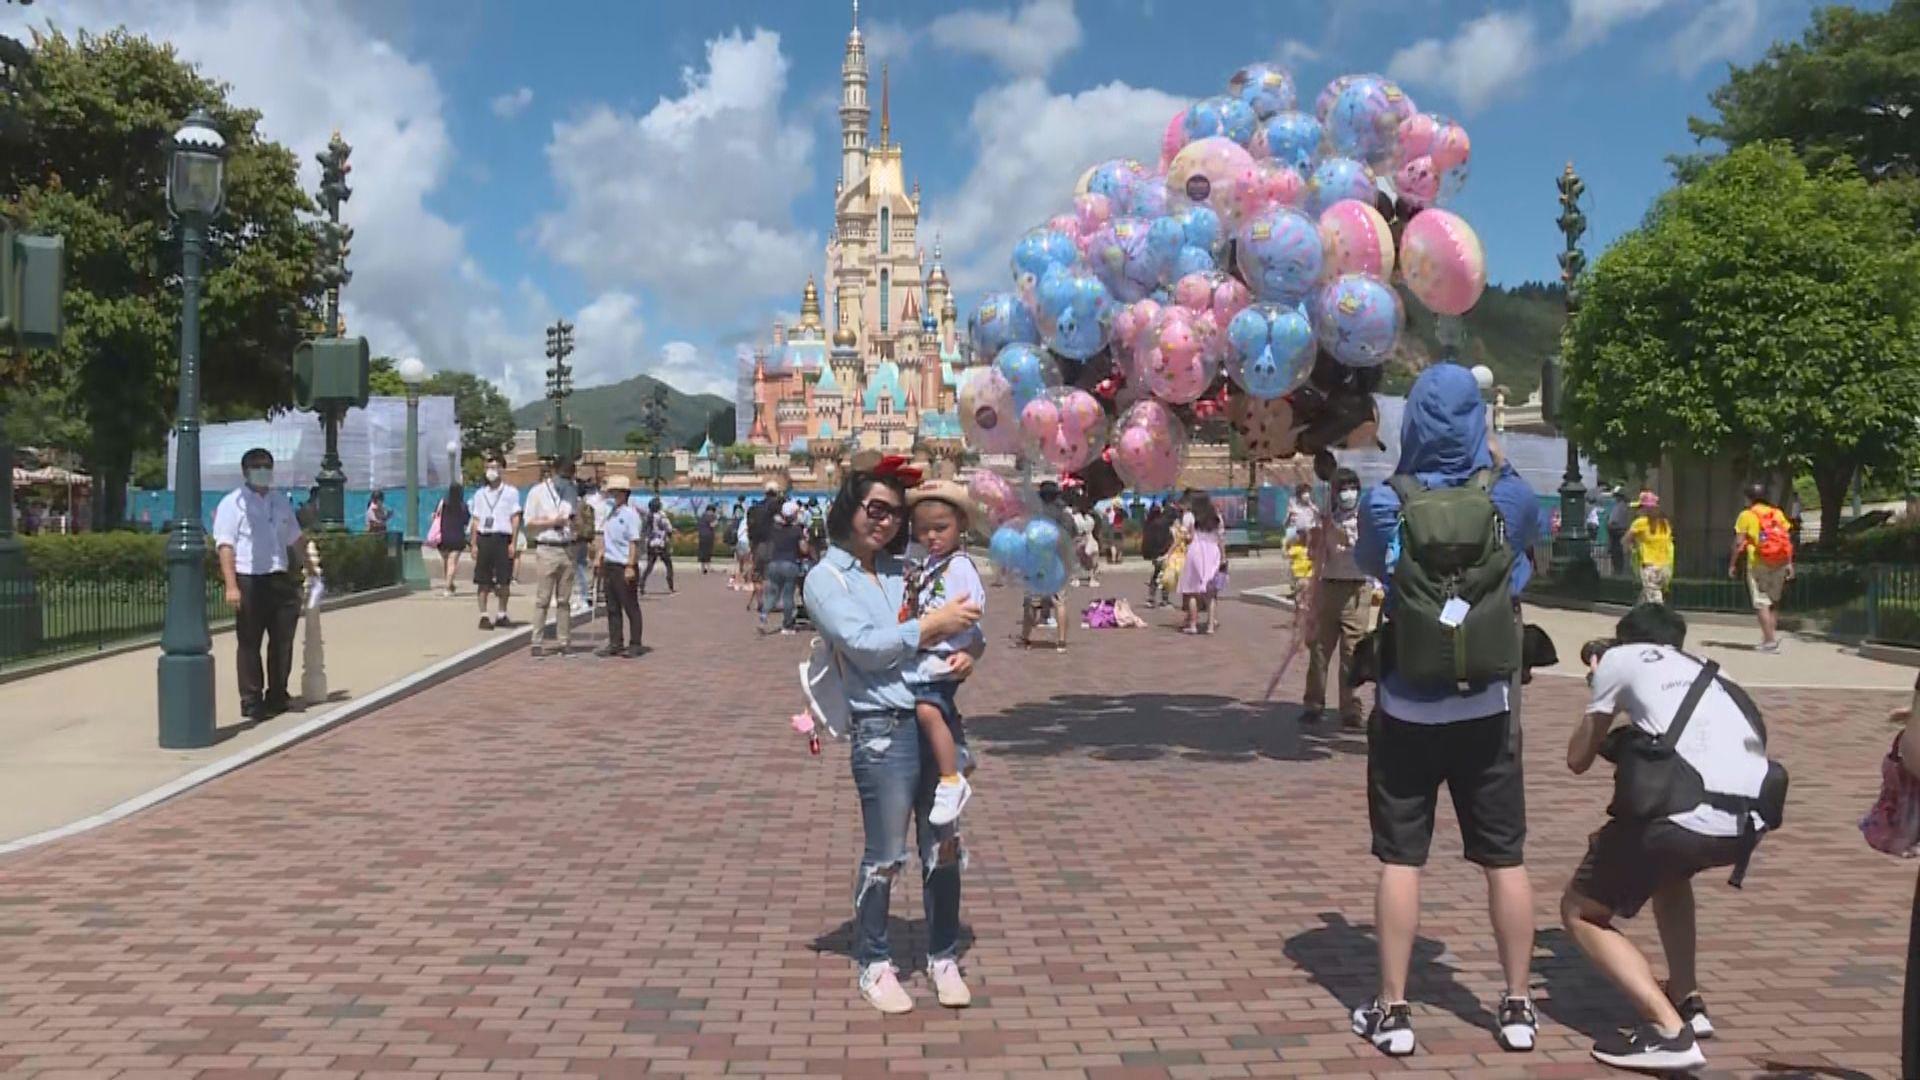 迪士尼重開採取多項防疫措施 限制園內遊樂設施人數